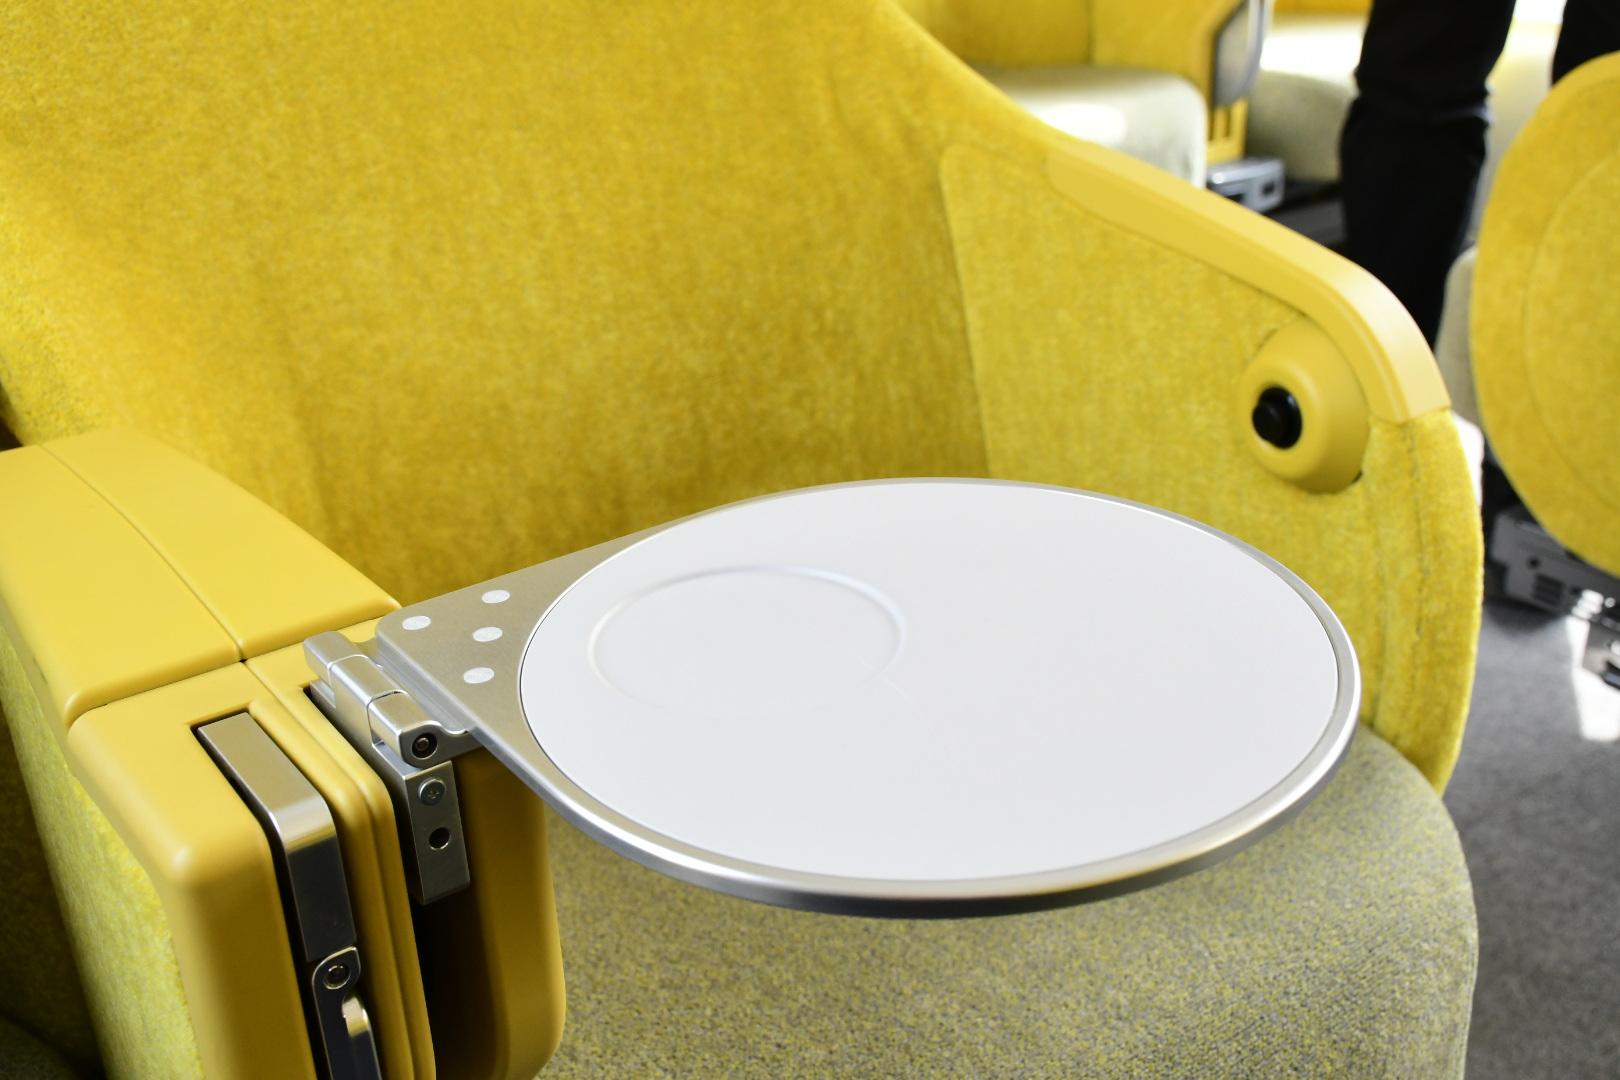 中央の肘掛け下に収納されているインアームテーブル